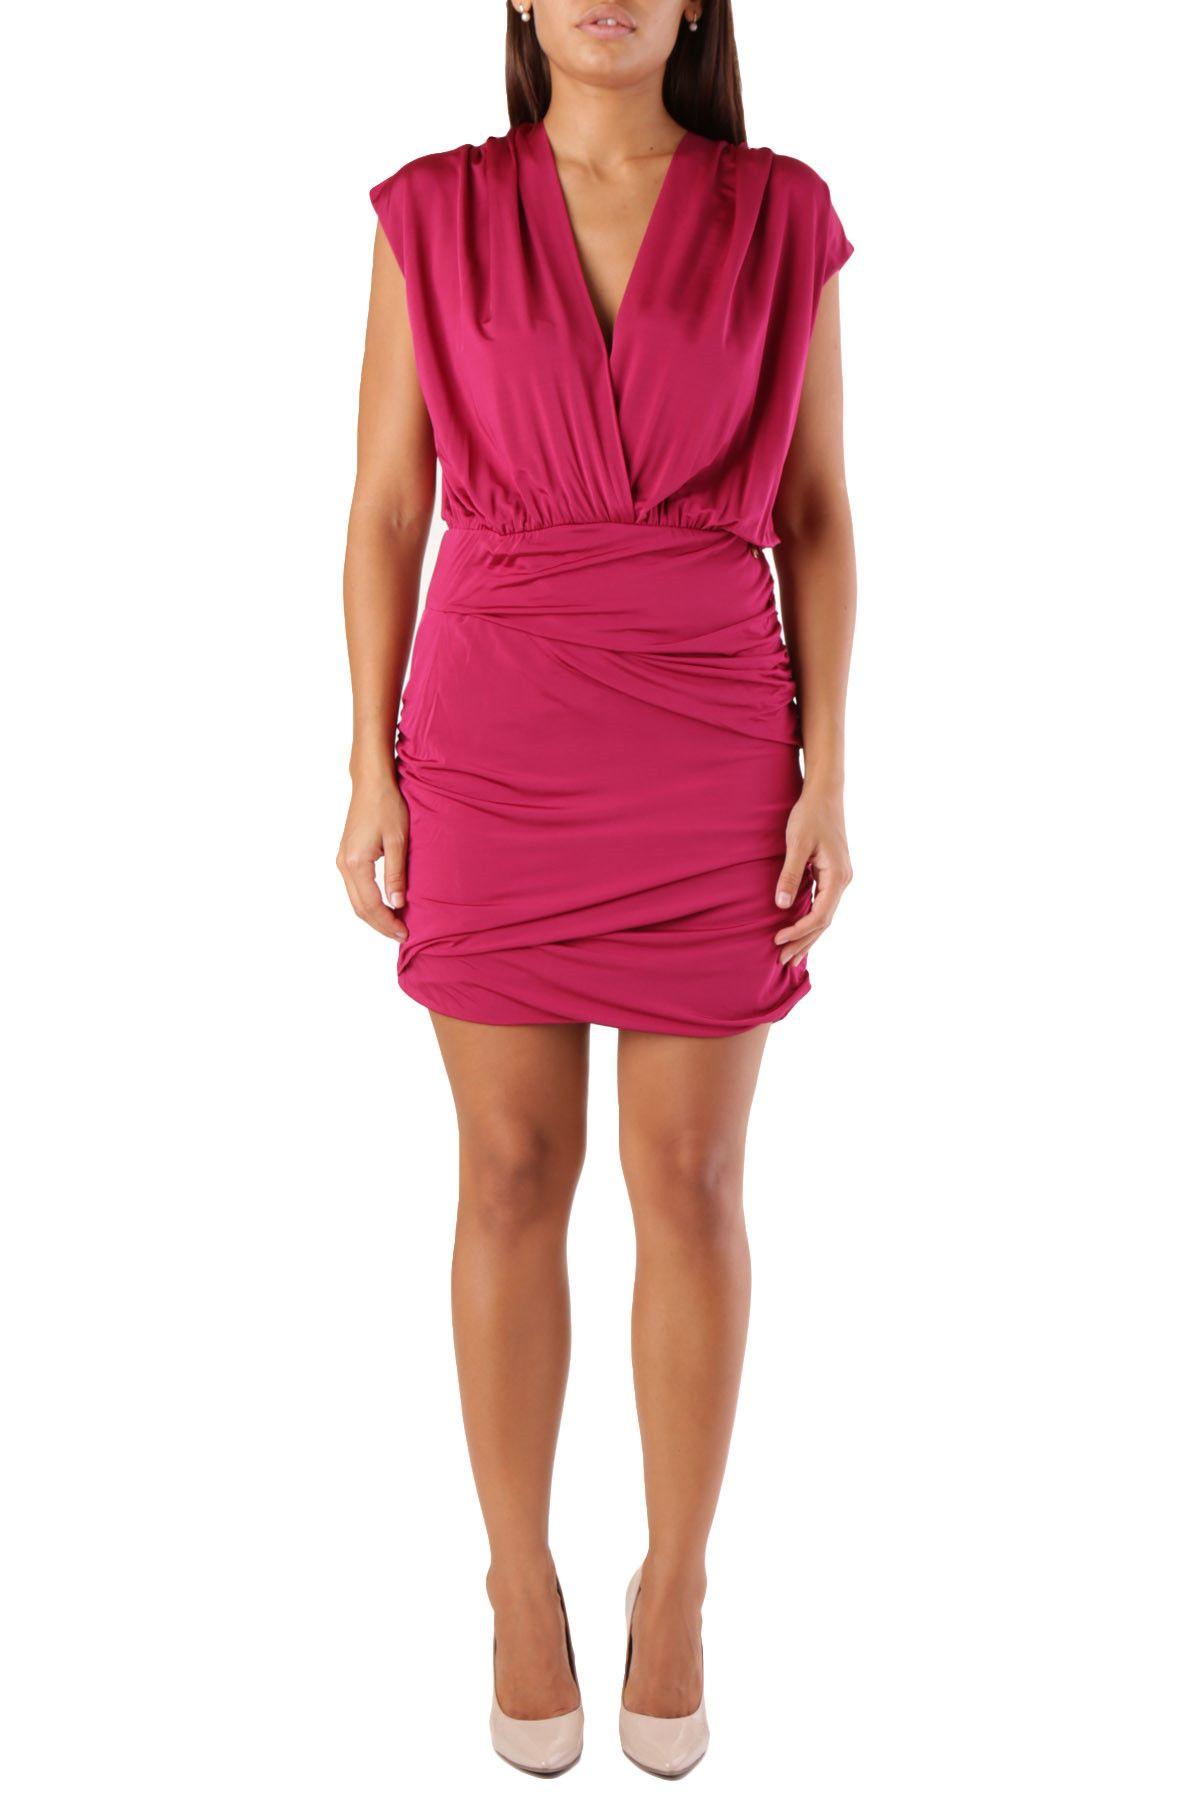 Met Women's Dress In Pink